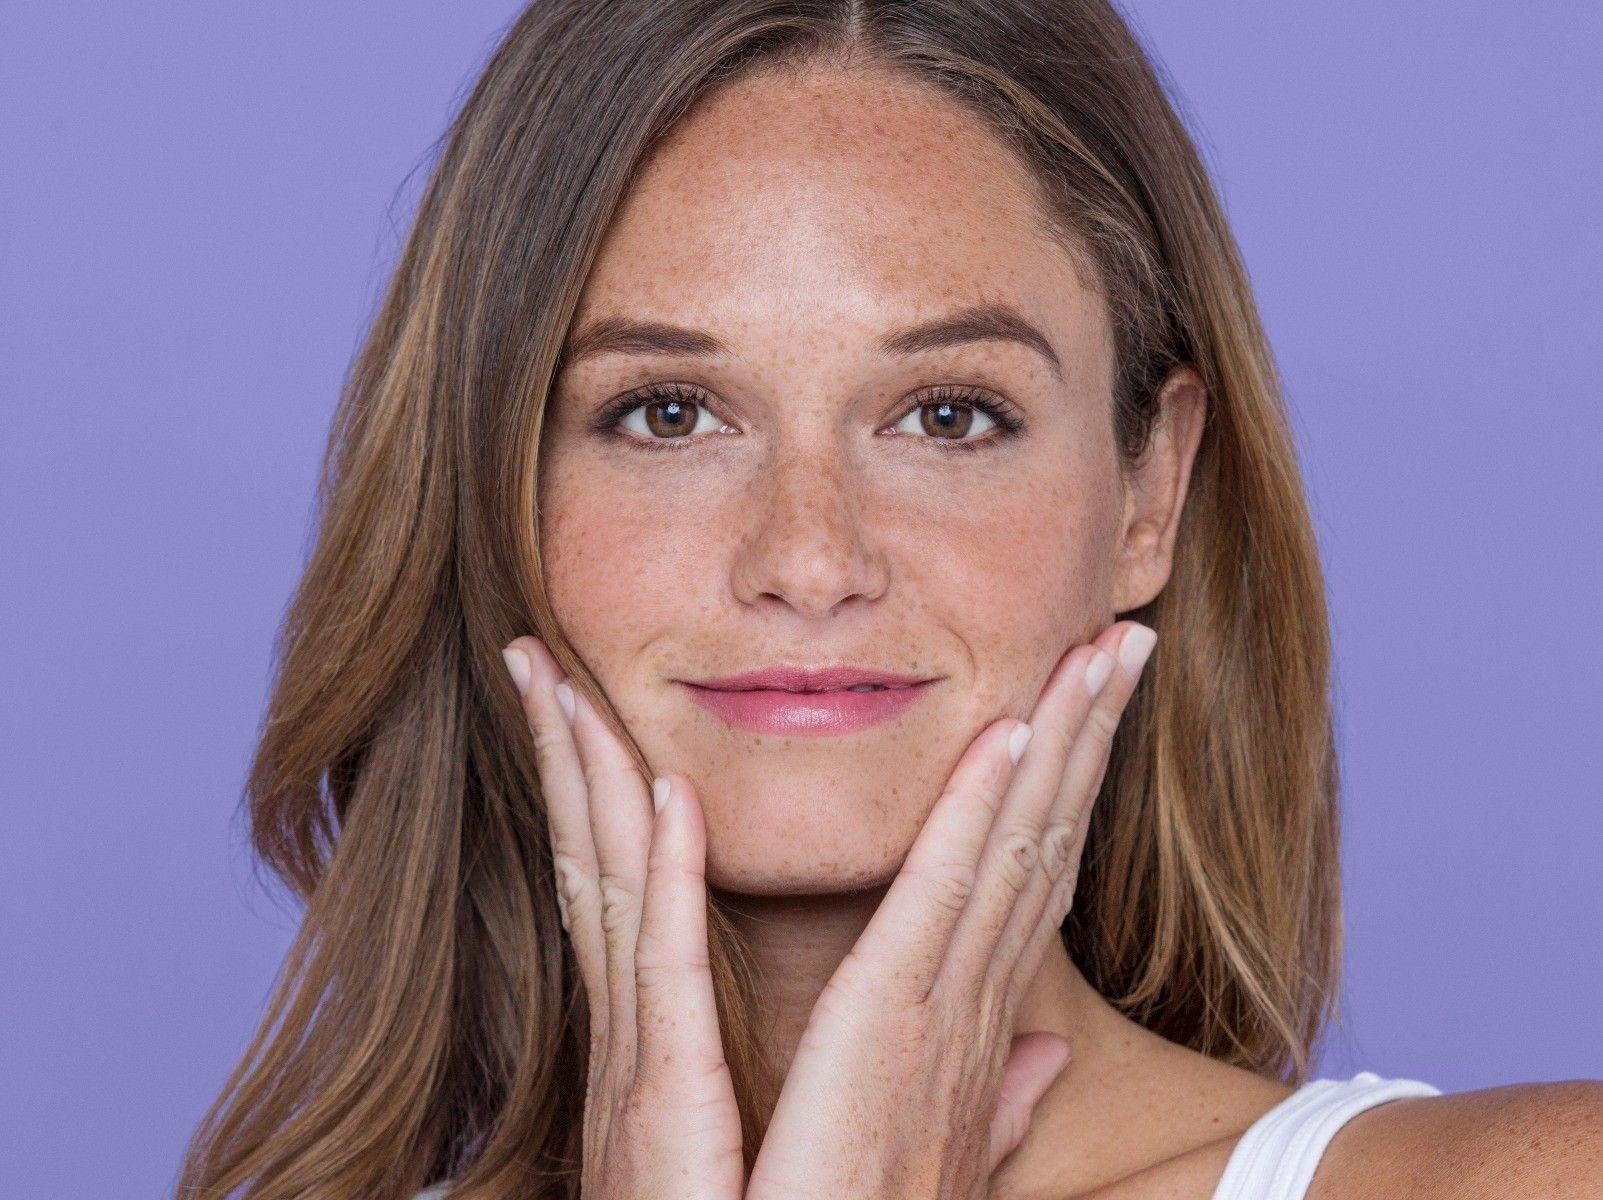 sensitive skin model